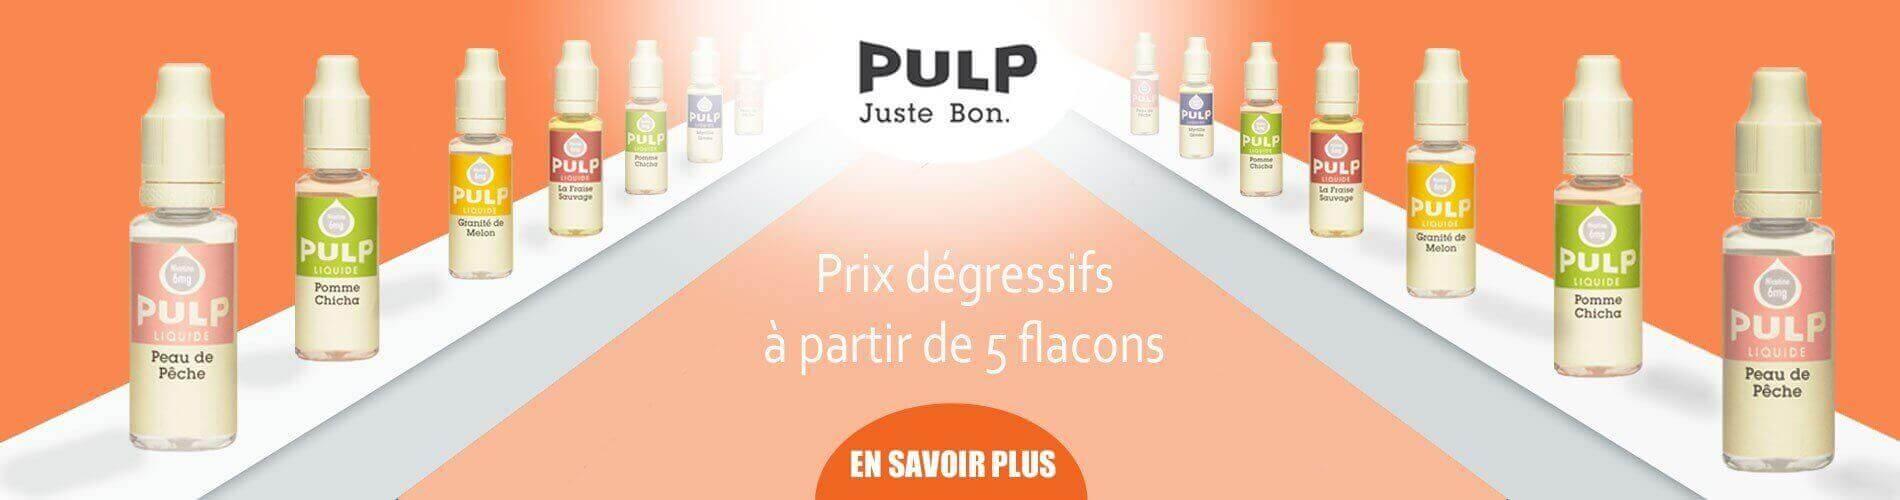 Liquides pulp destock